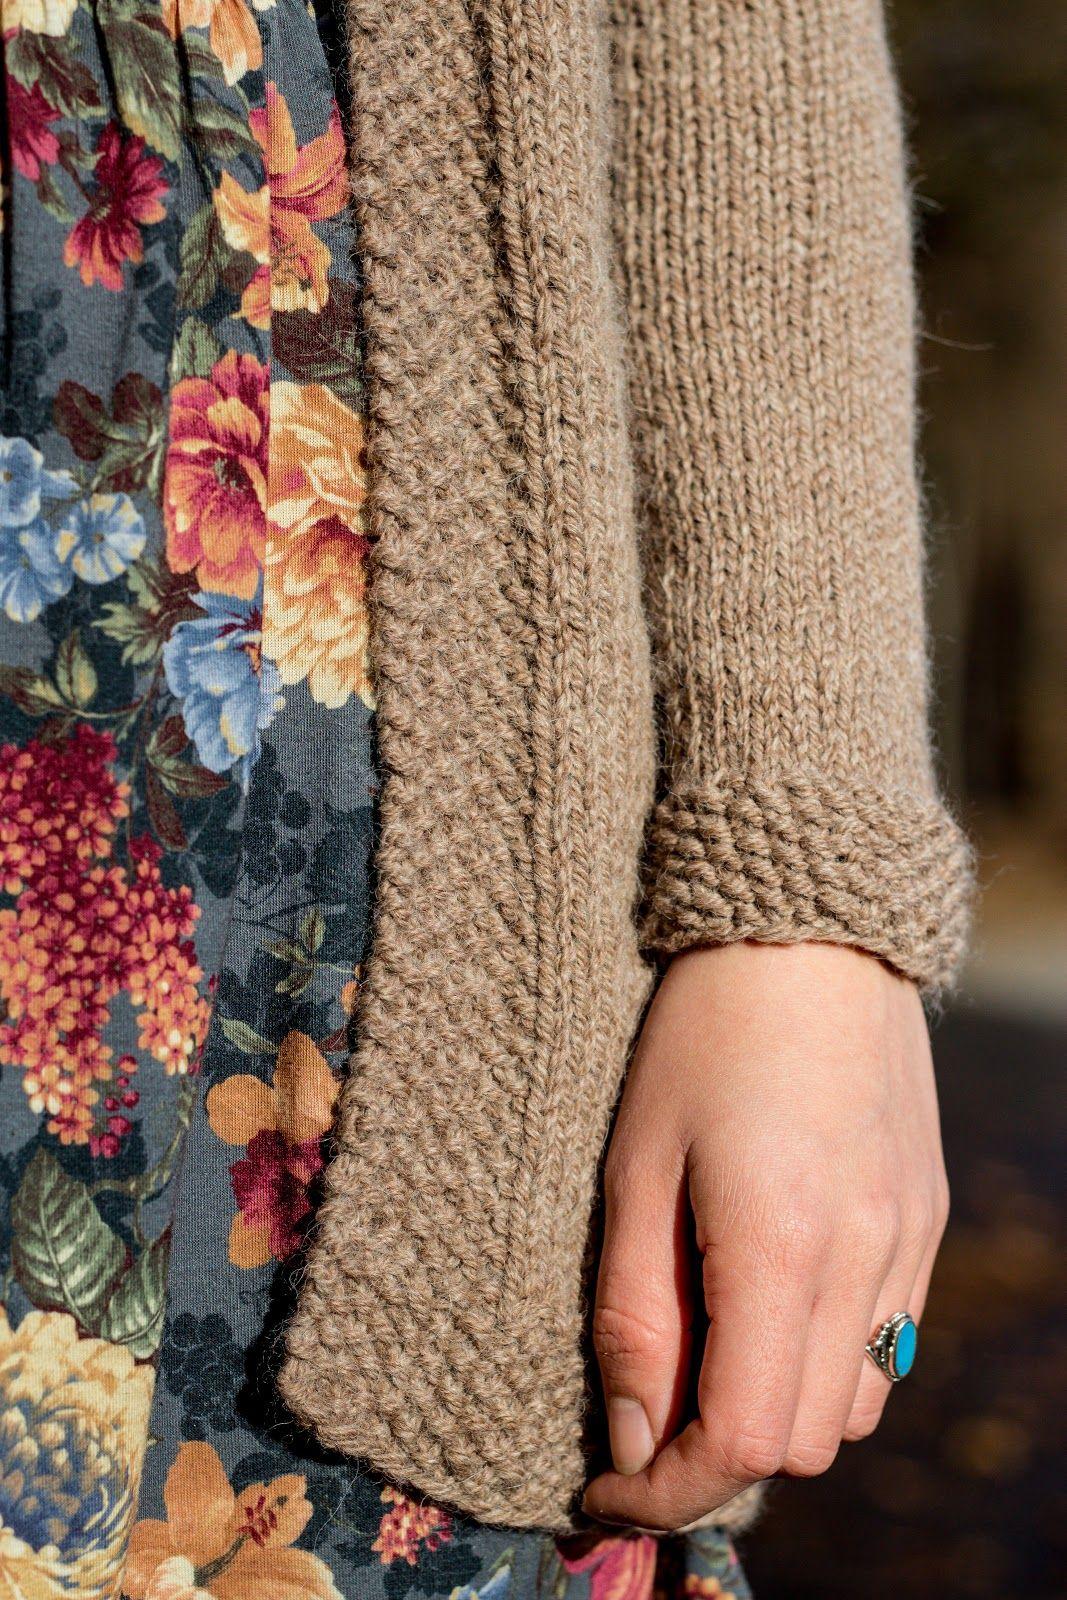 48f0ed44aa Lange Strickjacke mit Zopfmuster selber stricken - kostenlose Anleitung -  Jacke selber machen - Kleidung selber stricken - Long Cardigan Free  Knitting ...